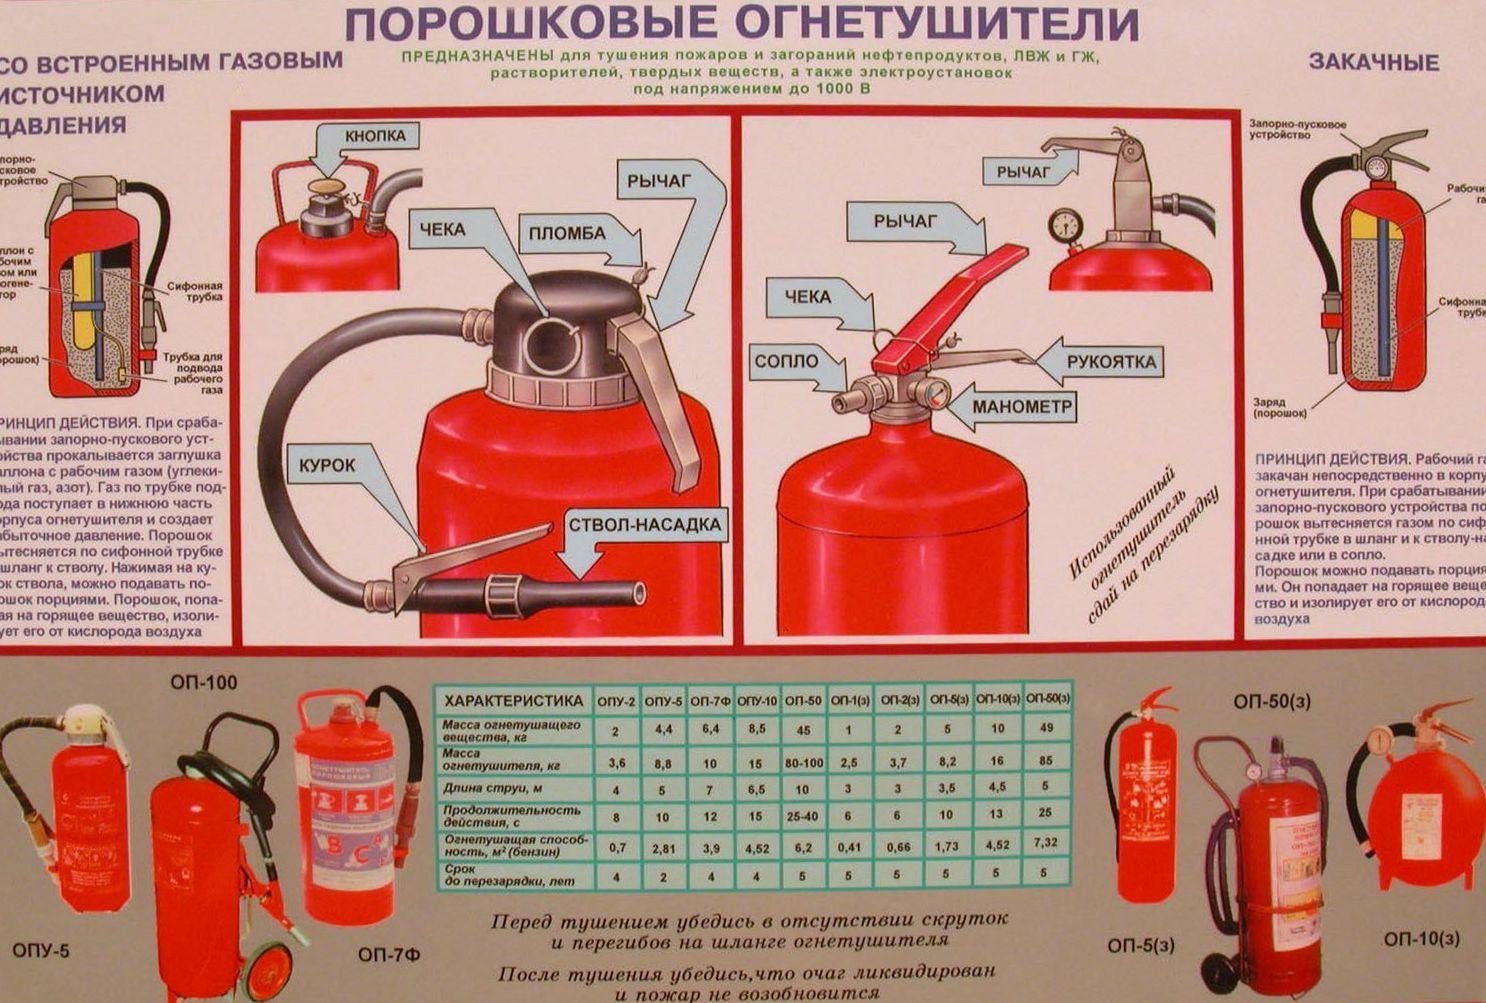 Особенности применения огнетушителей порошкового типа